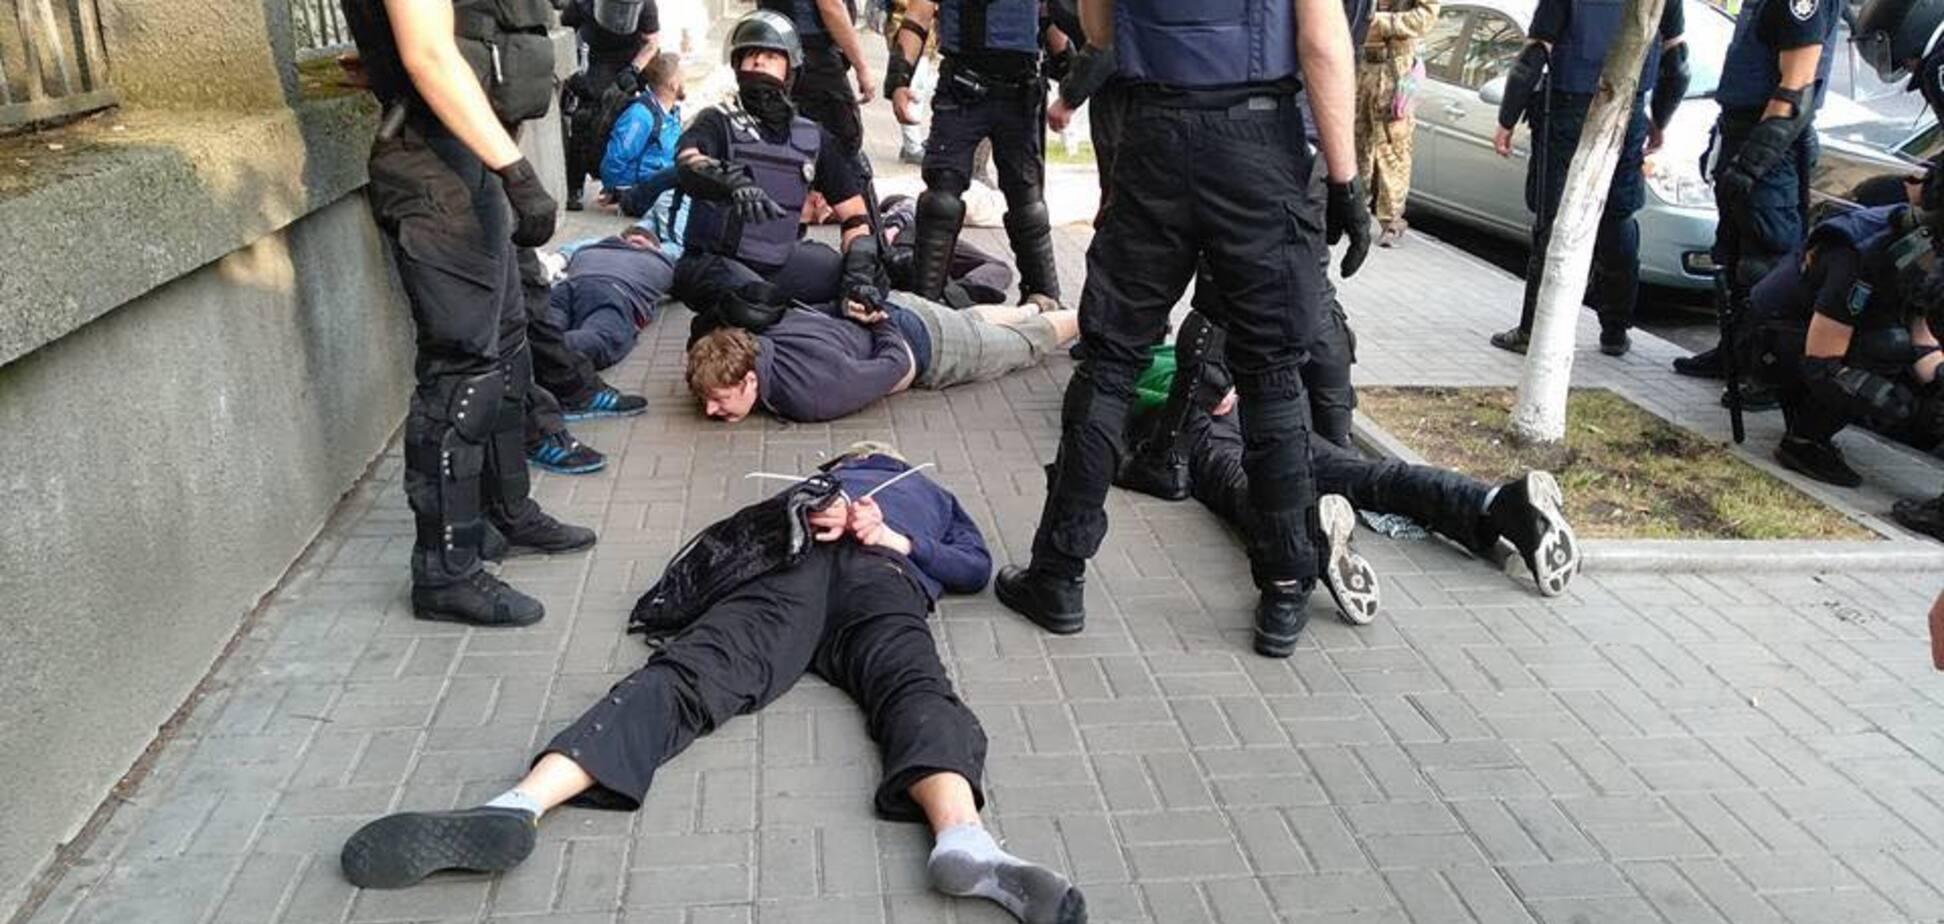 Беспорядки вокруг ЛГБТ в Киеве: блогер объяснил, почему это спектакль